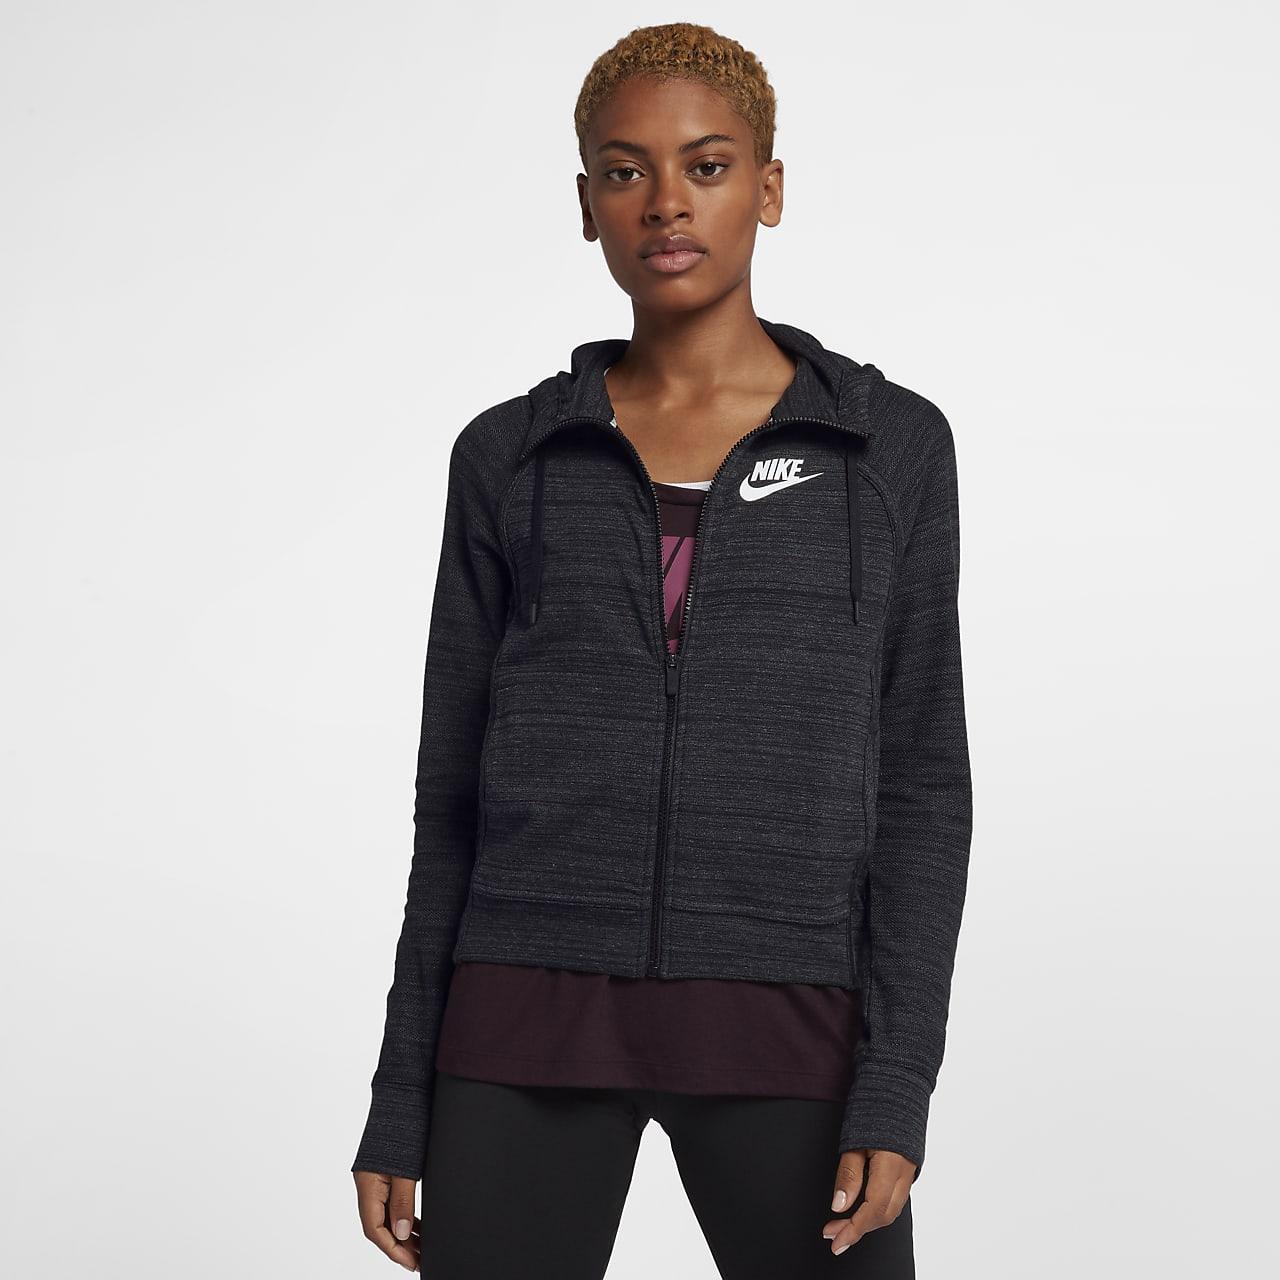 Nike Sportswear Advance 15 Damen-Strickjacke